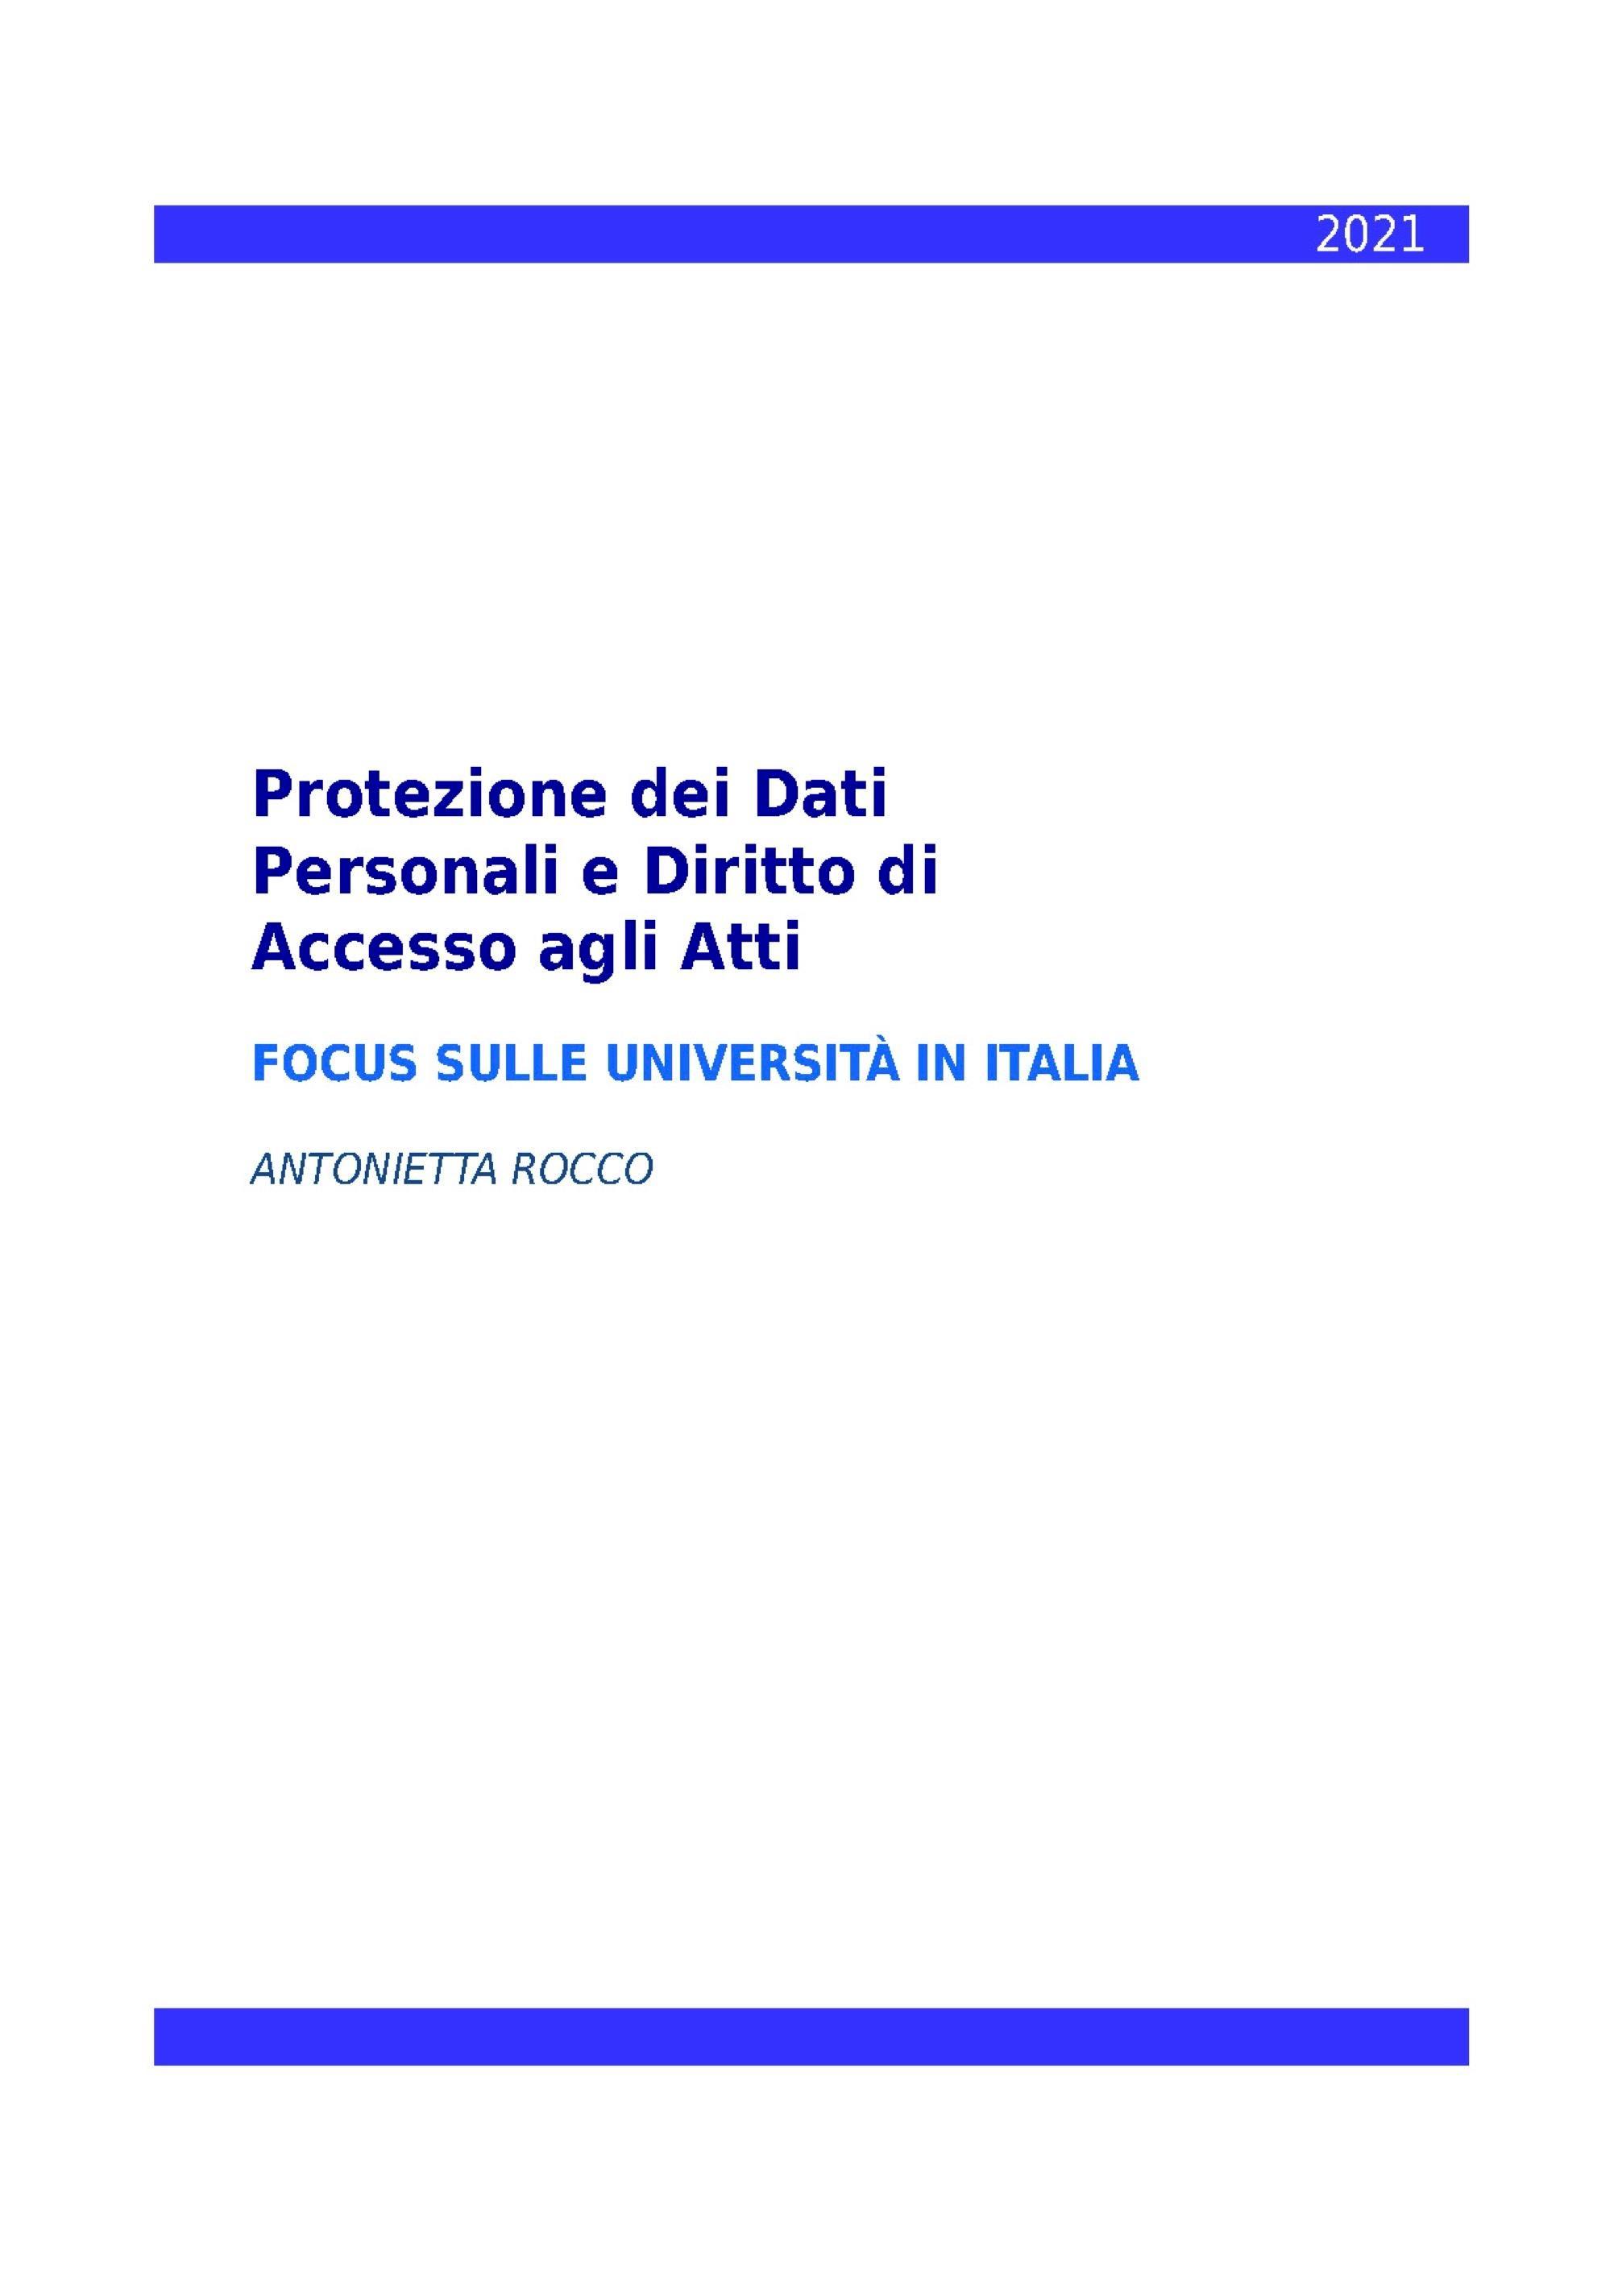 Protezione dei Dati Personali e Diritto di Accesso agli Atti - Focus sulle Università in Italia